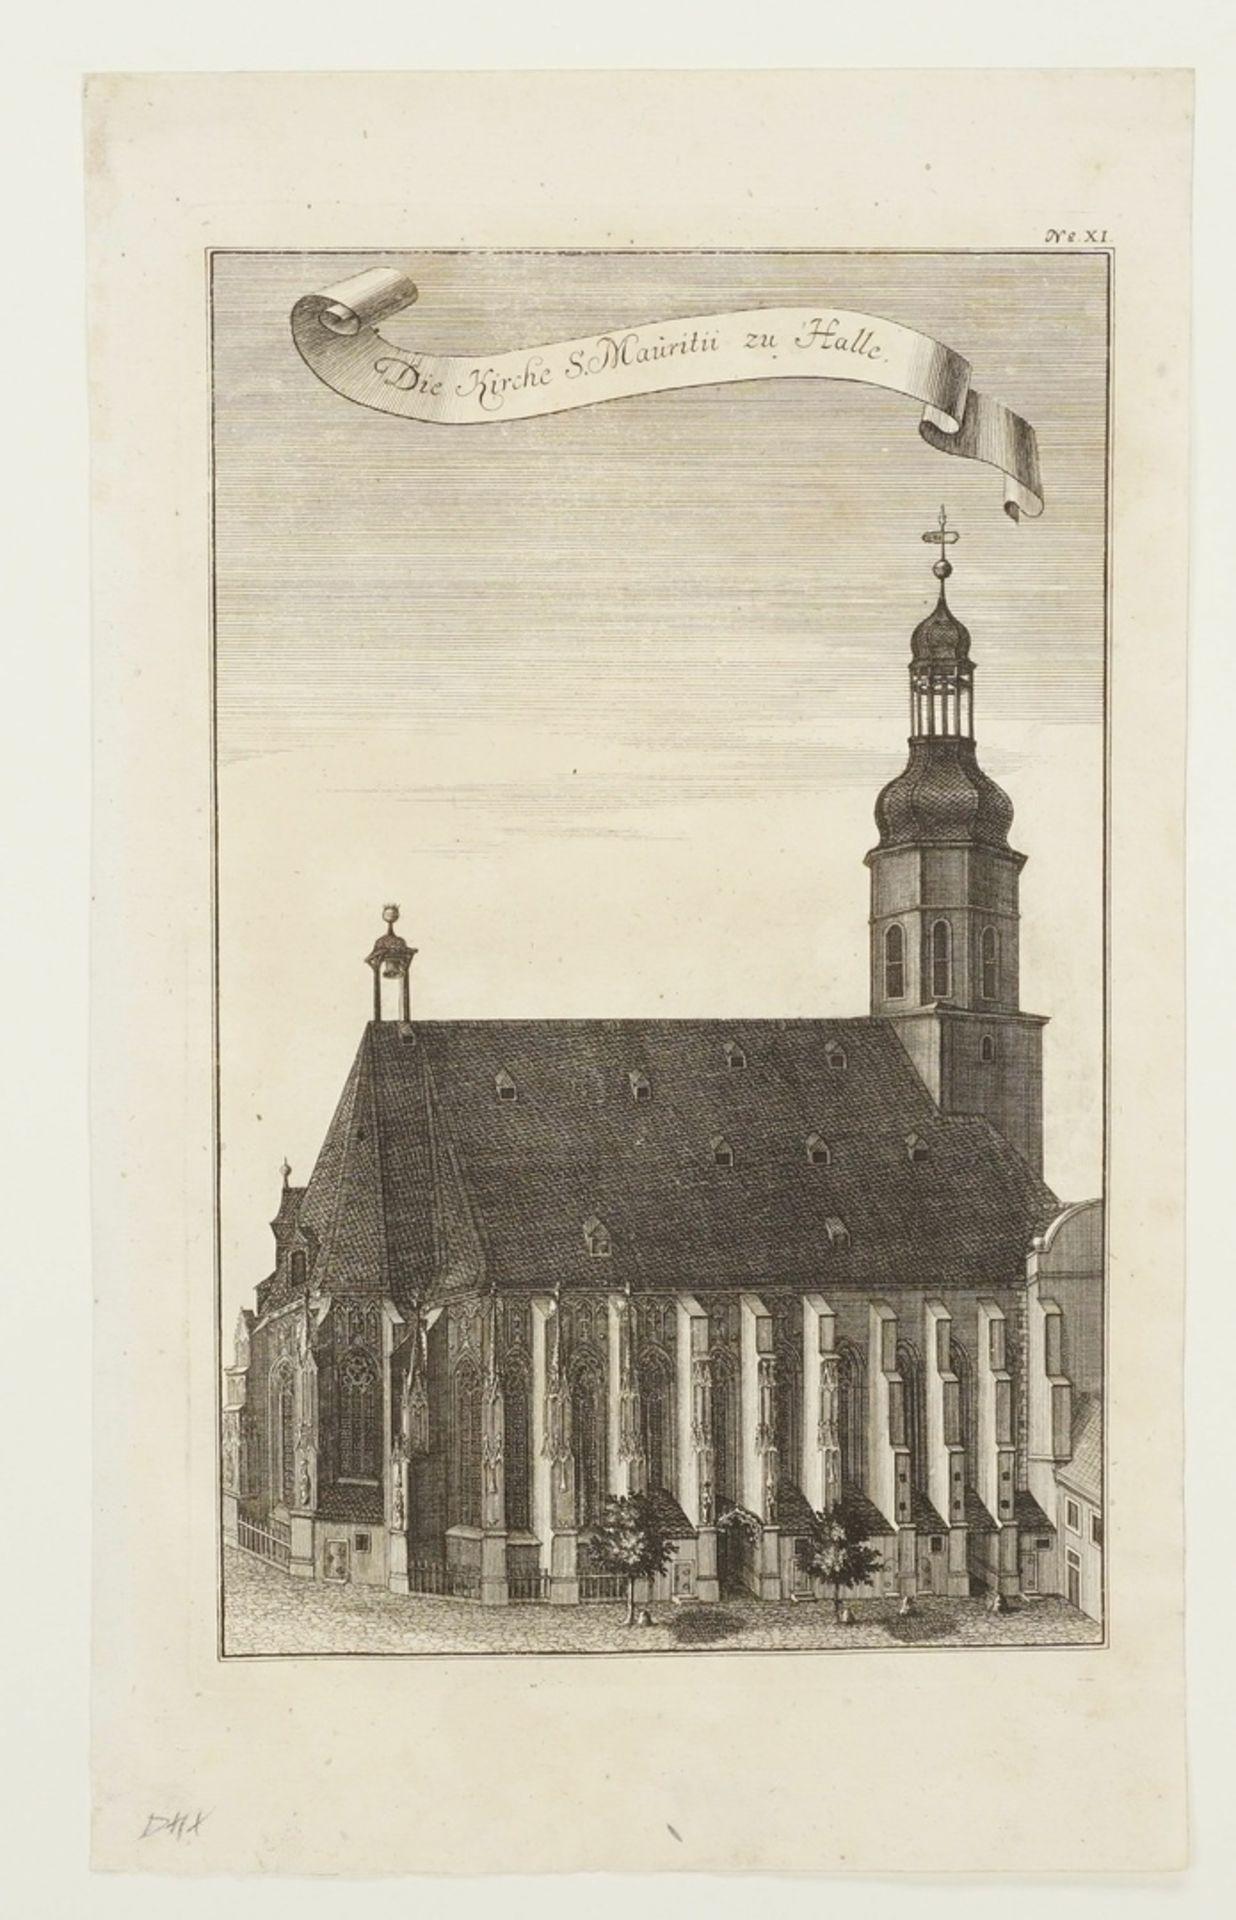 Johann Gottfried Krügner der Jüngere, Drei herausragende Bauwerke der Stadt Halle/Saale - Bild 2 aus 4